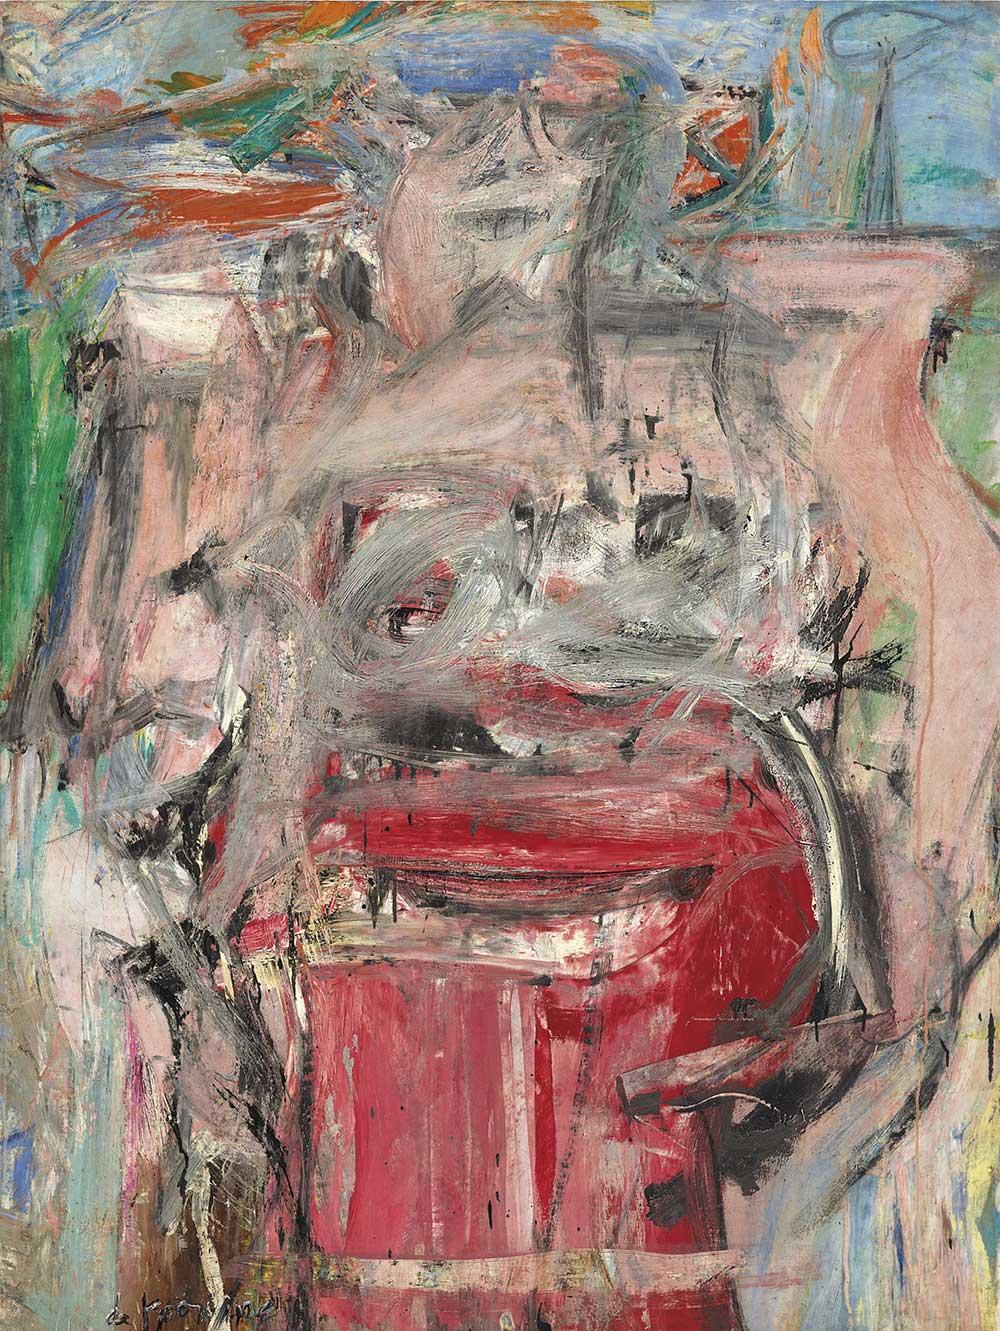 威廉•‧德•‧庫寧(Willem de Kooning),《女人風景(Woman as Landscape)》。預估價6000萬美元。將於「美國之地:巴尼•艾伯斯渥斯珍藏系列 晚拍」拍賣。圖/佳士得提供。